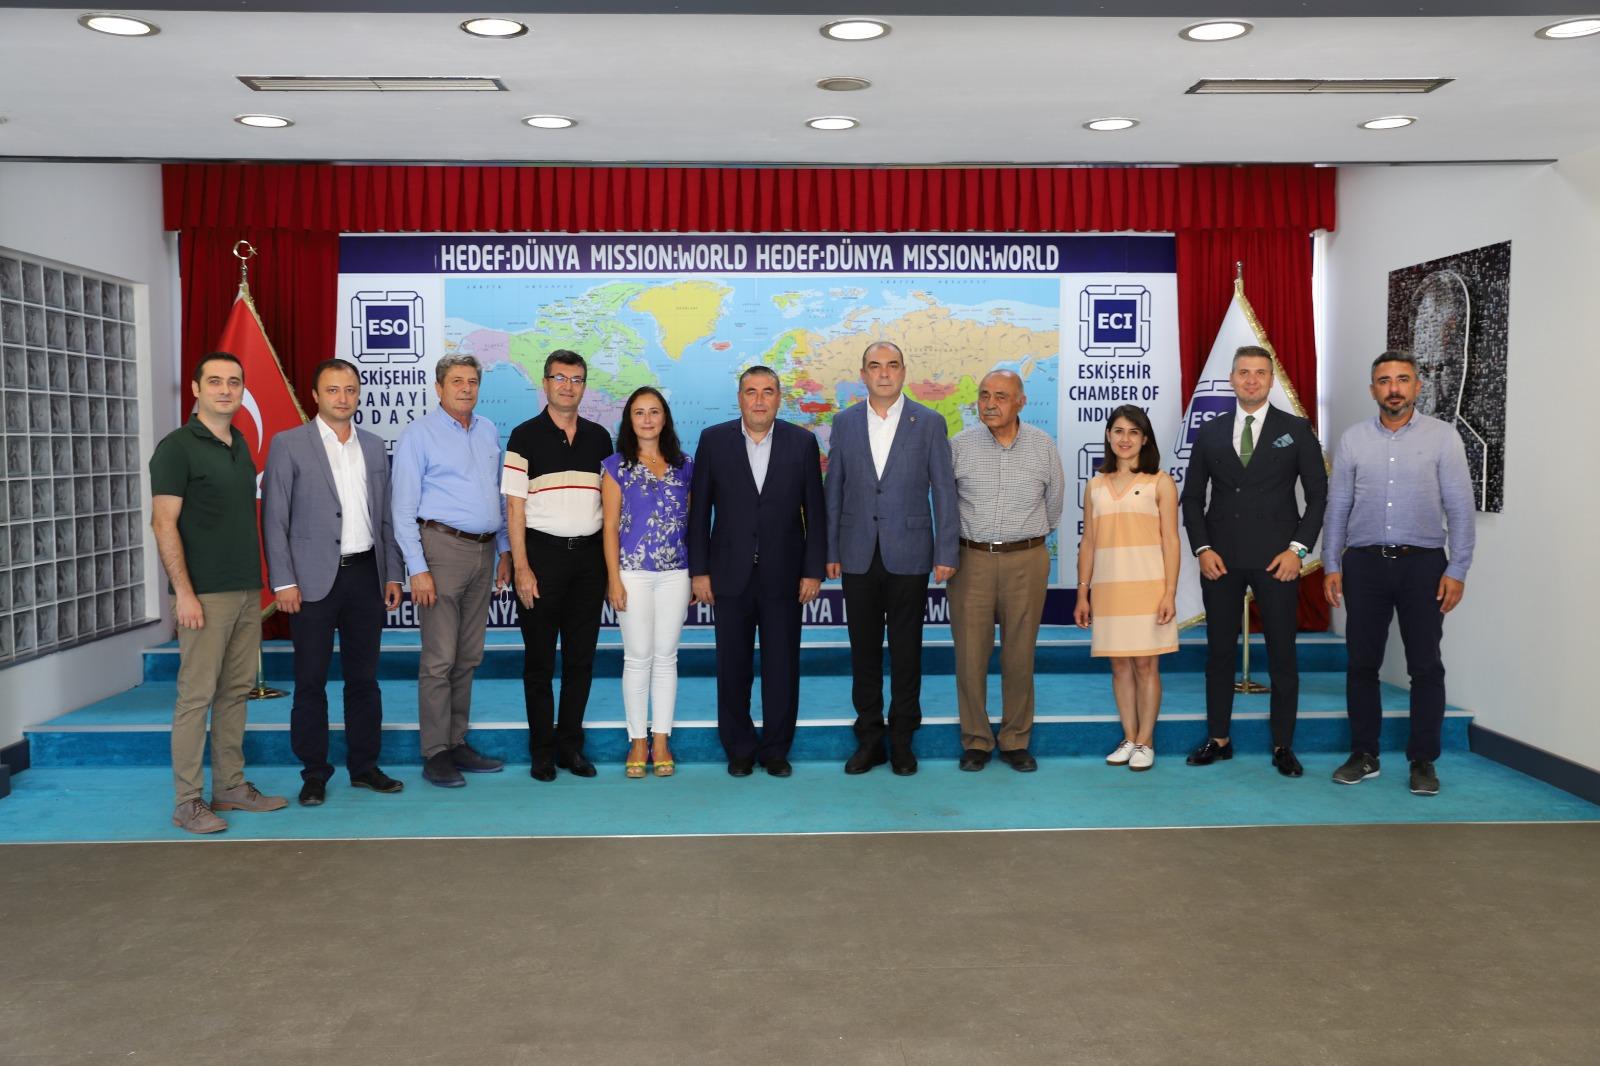 IMG 20210810 WA0006 - Eskişehir Sanayi Odası Başkanını Ziyaret Ettik